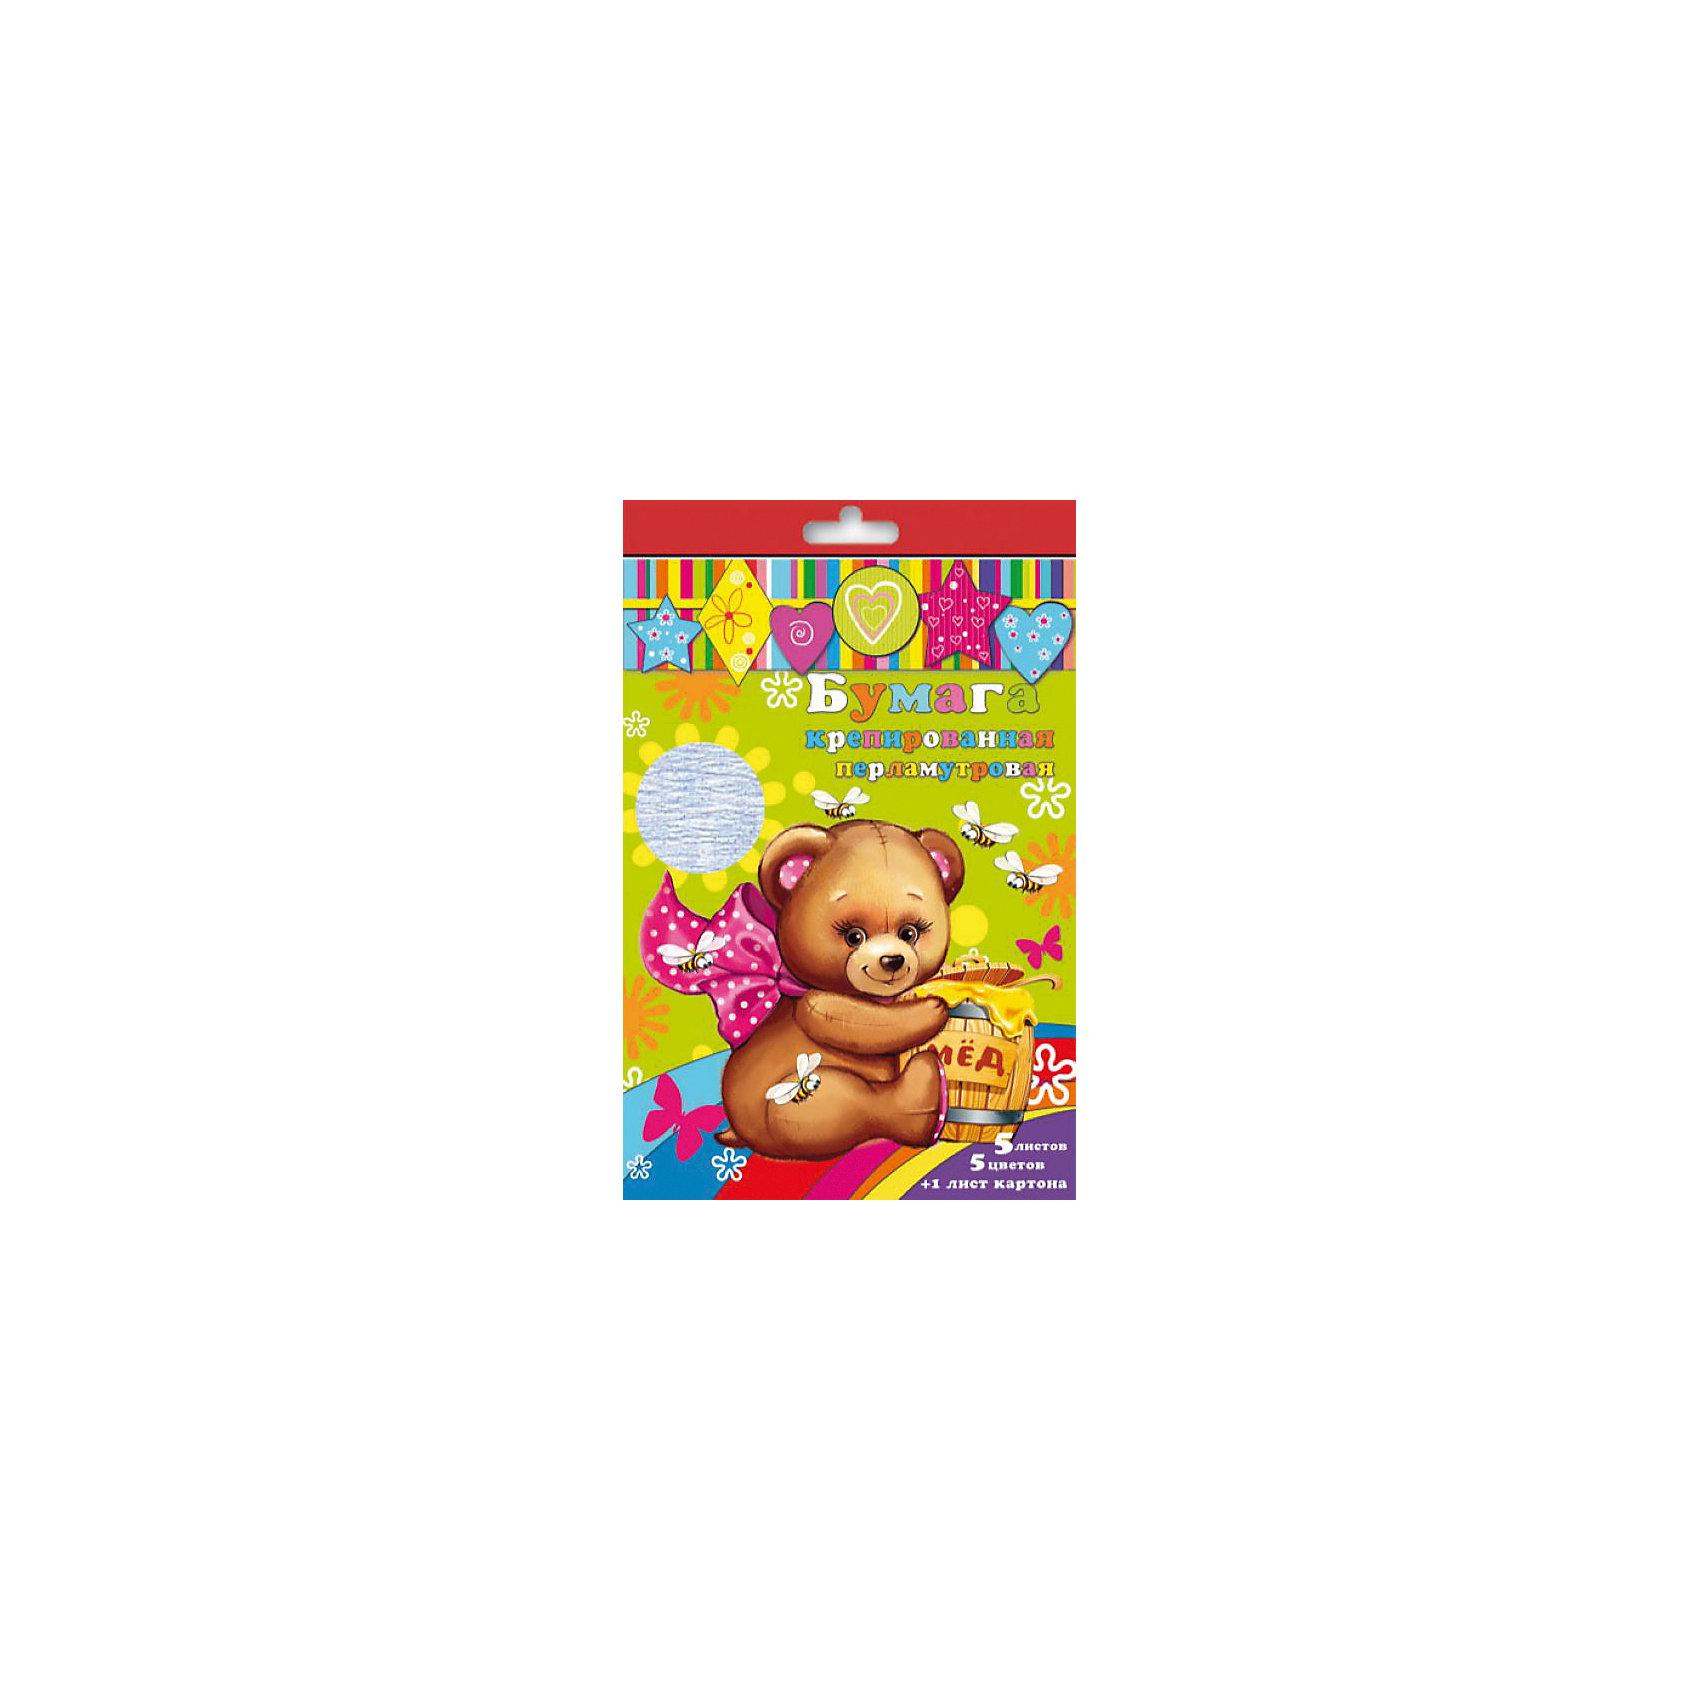 Набор цветной крепированой перламутровой бумаги и картонаИзумительная набор цветной крепированной перламутровой бумаги и картона, из них Ваш малыш сможет сделать множество ярких цветов, зверюшек или другие поделки.<br><br>Дополнительная информация:<br><br>- Возраст: от 3 лет.<br>- 5 листов бумаги и 1 лист картона.<br>- Цвета в наборе: белый перламутровый, желтый перламутровый, зеленый перламутровый, розовый перламутровый, голубой перламутровый.<br>- Материал: бумага, картон.<br>- Размеры: 21х29,7 см.<br>- Размер упаковки: 34х21х0,2 см.<br>- Вес в упаковке: 31 г. <br><br>Купить набор крепированной перламутровой бумаги и картона, можно в нашем магазине.<br><br>Ширина мм: 340<br>Глубина мм: 210<br>Высота мм: 2<br>Вес г: 31<br>Возраст от месяцев: 36<br>Возраст до месяцев: 2147483647<br>Пол: Унисекс<br>Возраст: Детский<br>SKU: 4943630